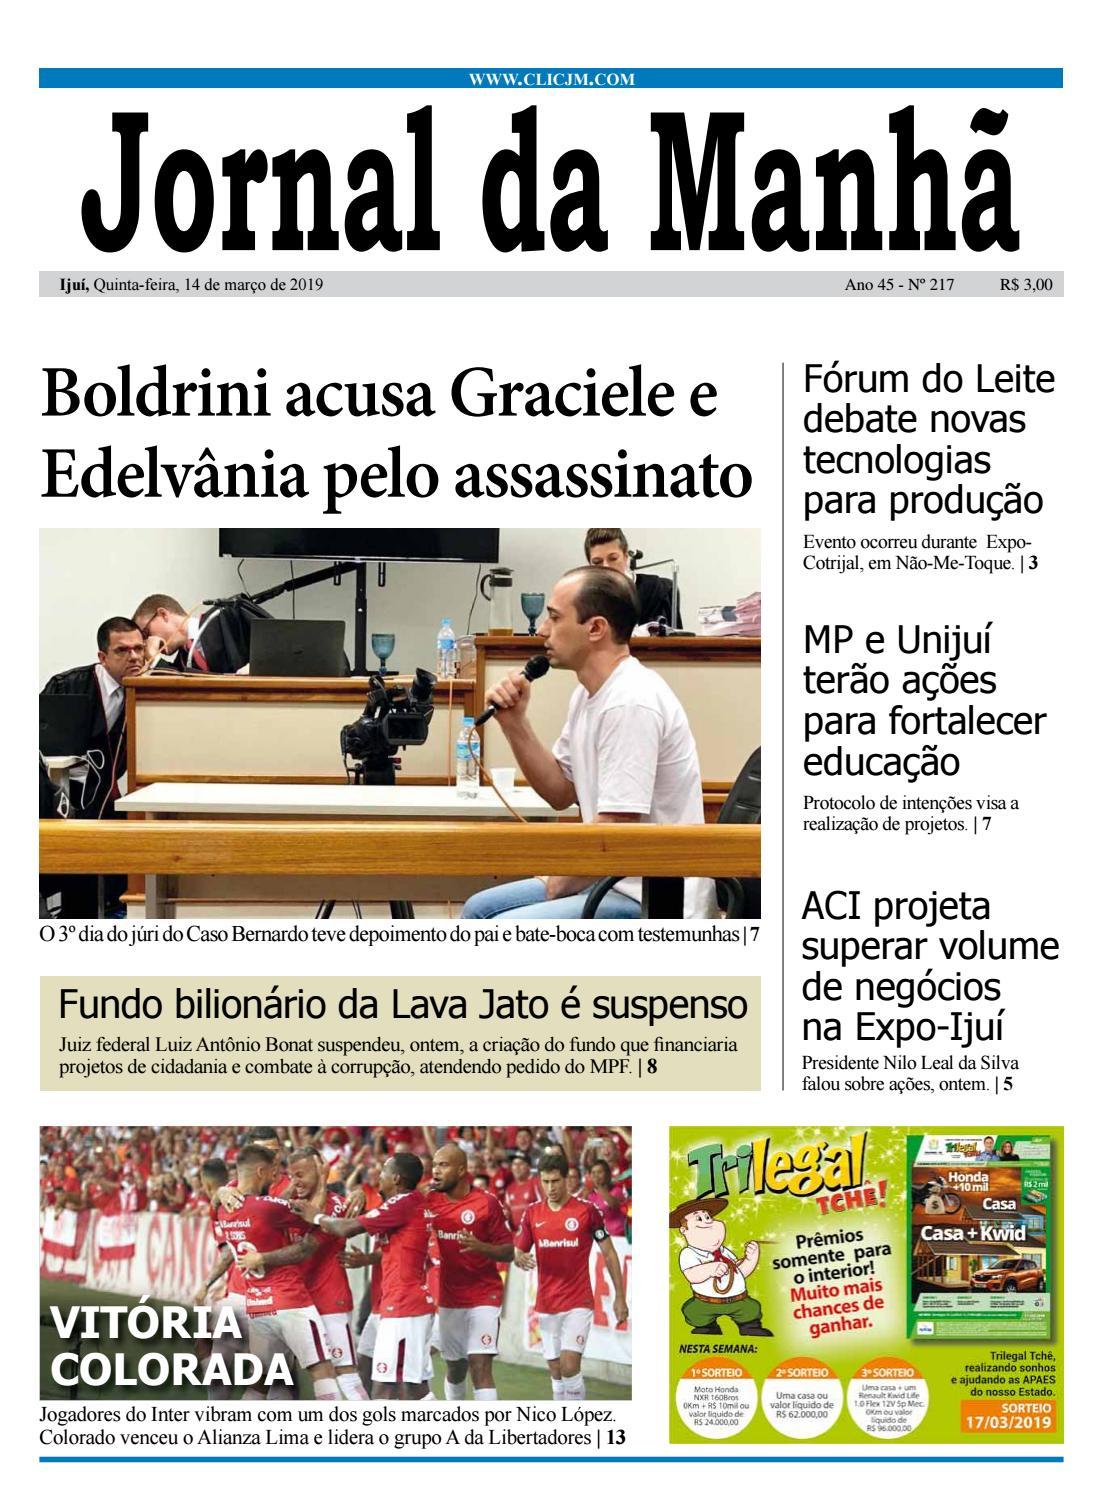 de3c5be2c8065 Jornal da Manhã - Quinta-feira - 14-03-2019 by clicjm - issuu